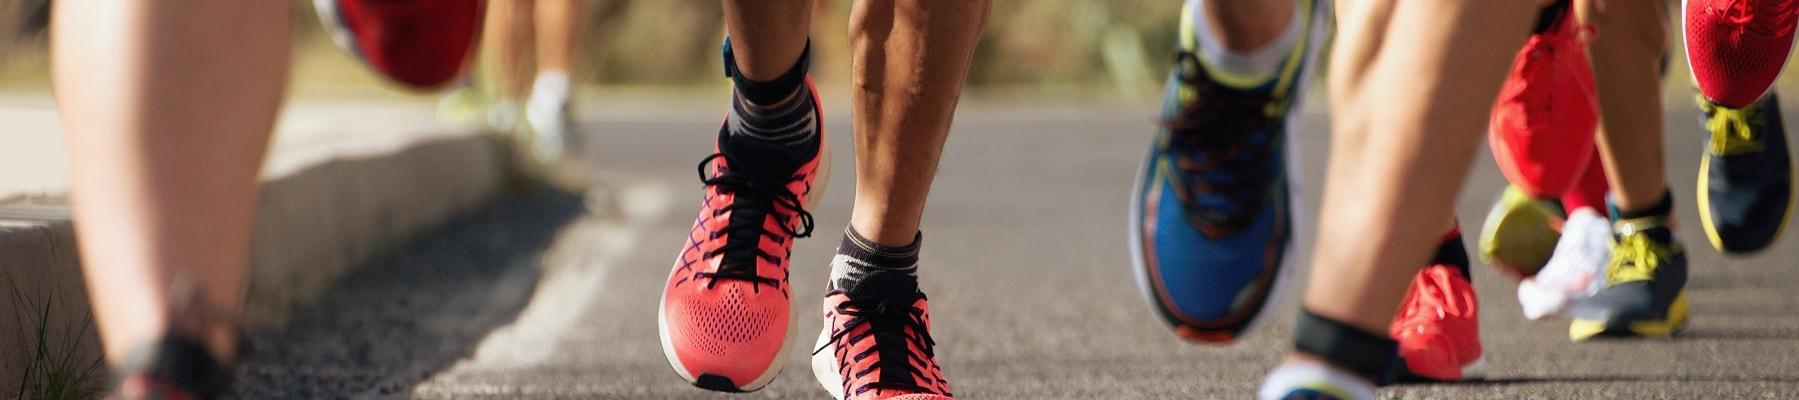 hardlopen-schoenen-1800-min